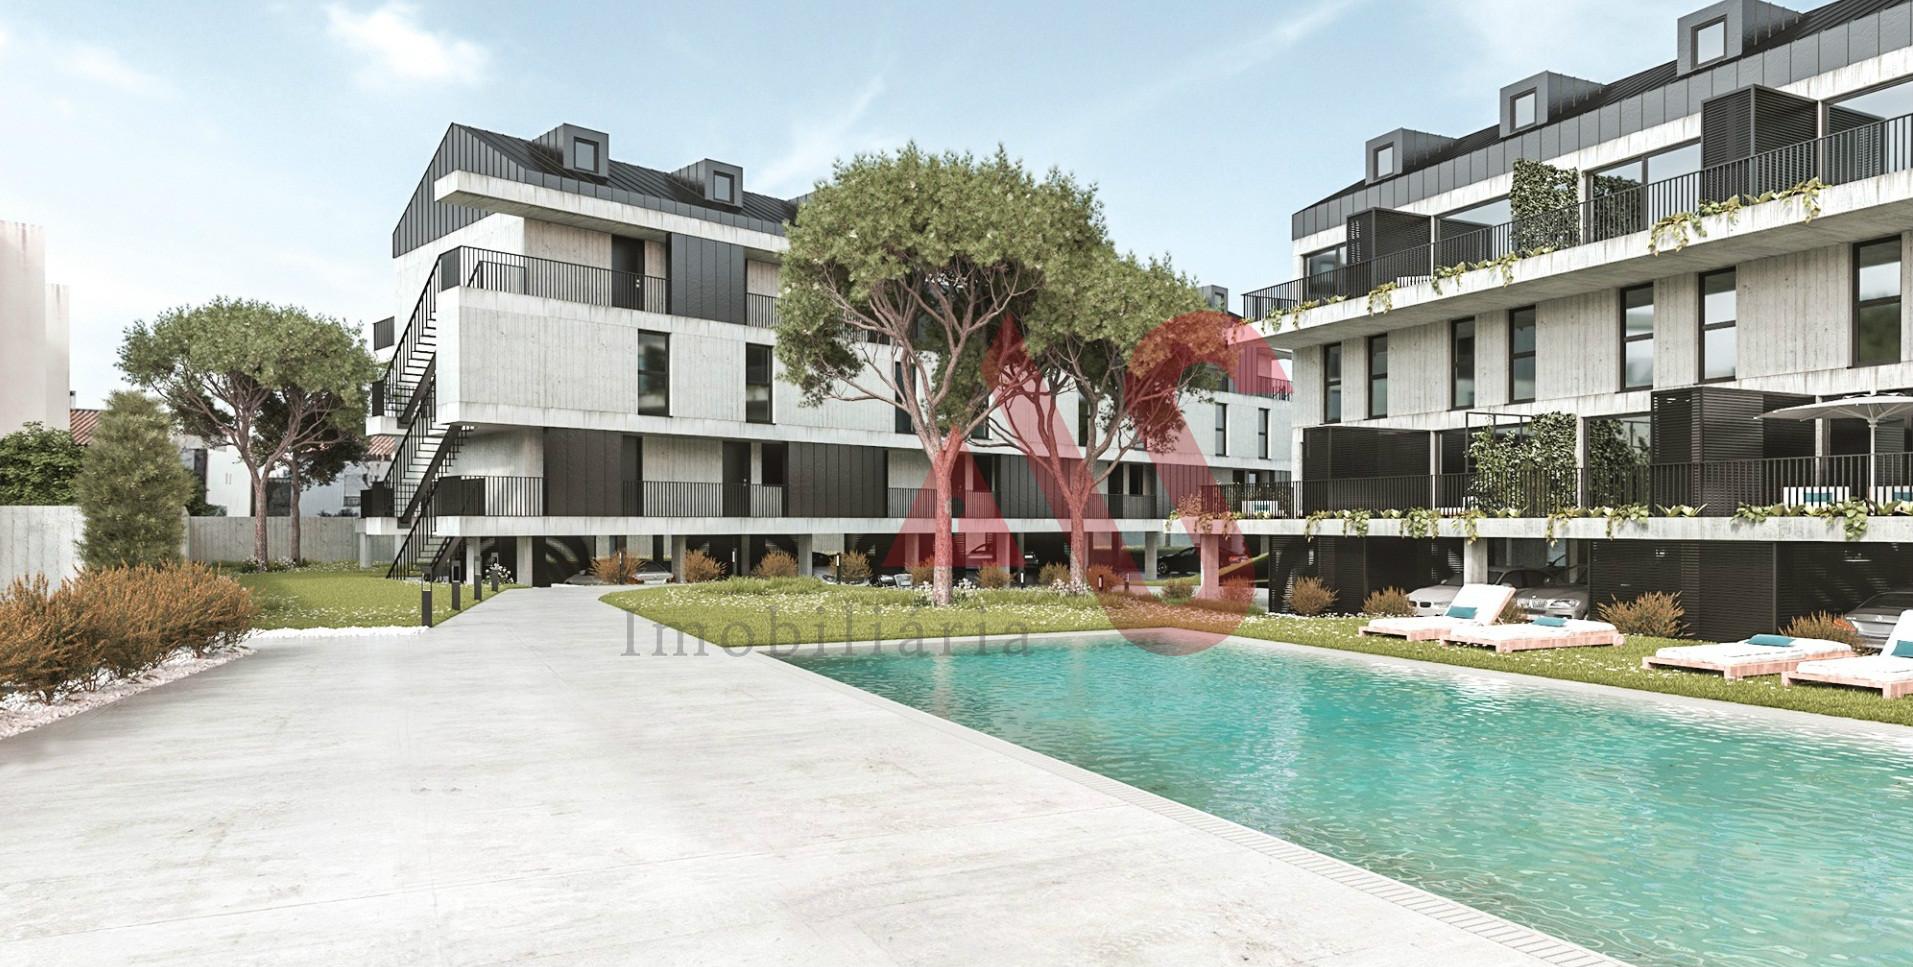 Apartamento T3 no condomínio fechado Riomar Ofir em Fão, Esposende